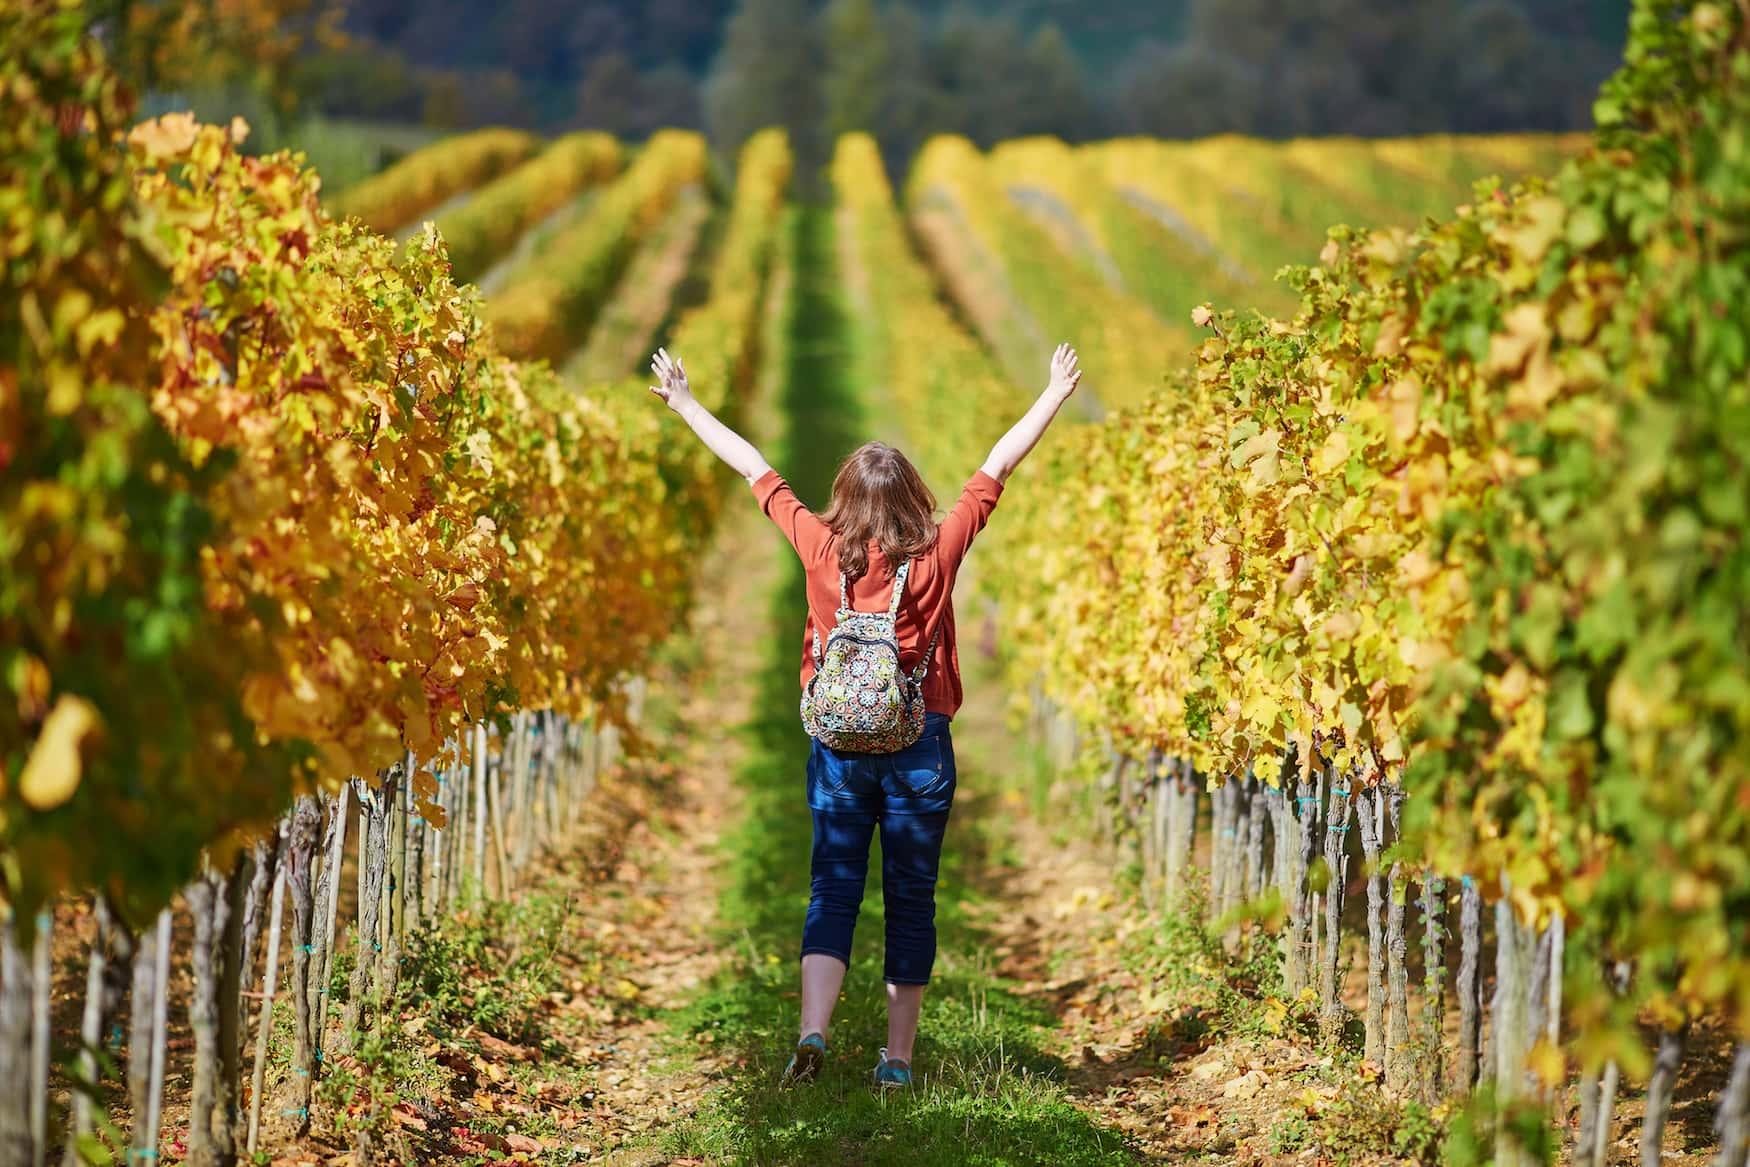 Weinwandern in baden-Württemberg: Frau mit Rucksack spaziert durch Weinreben